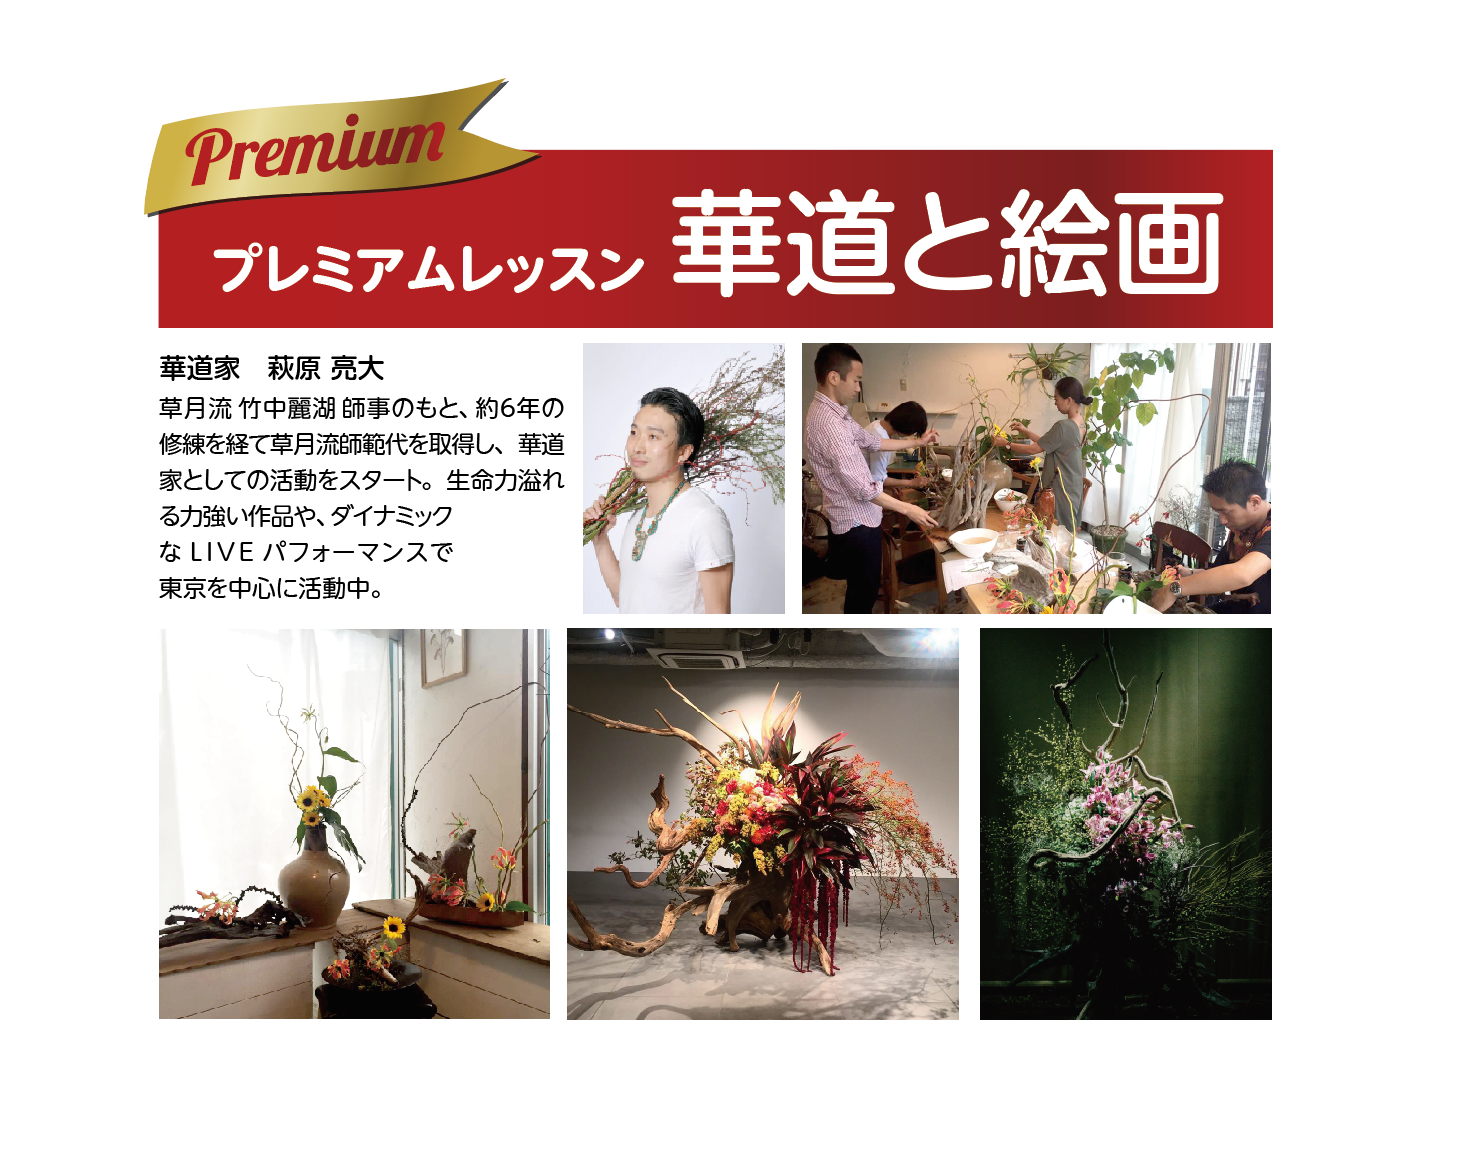 華道と絵画 7/29(木)13:00-15:00